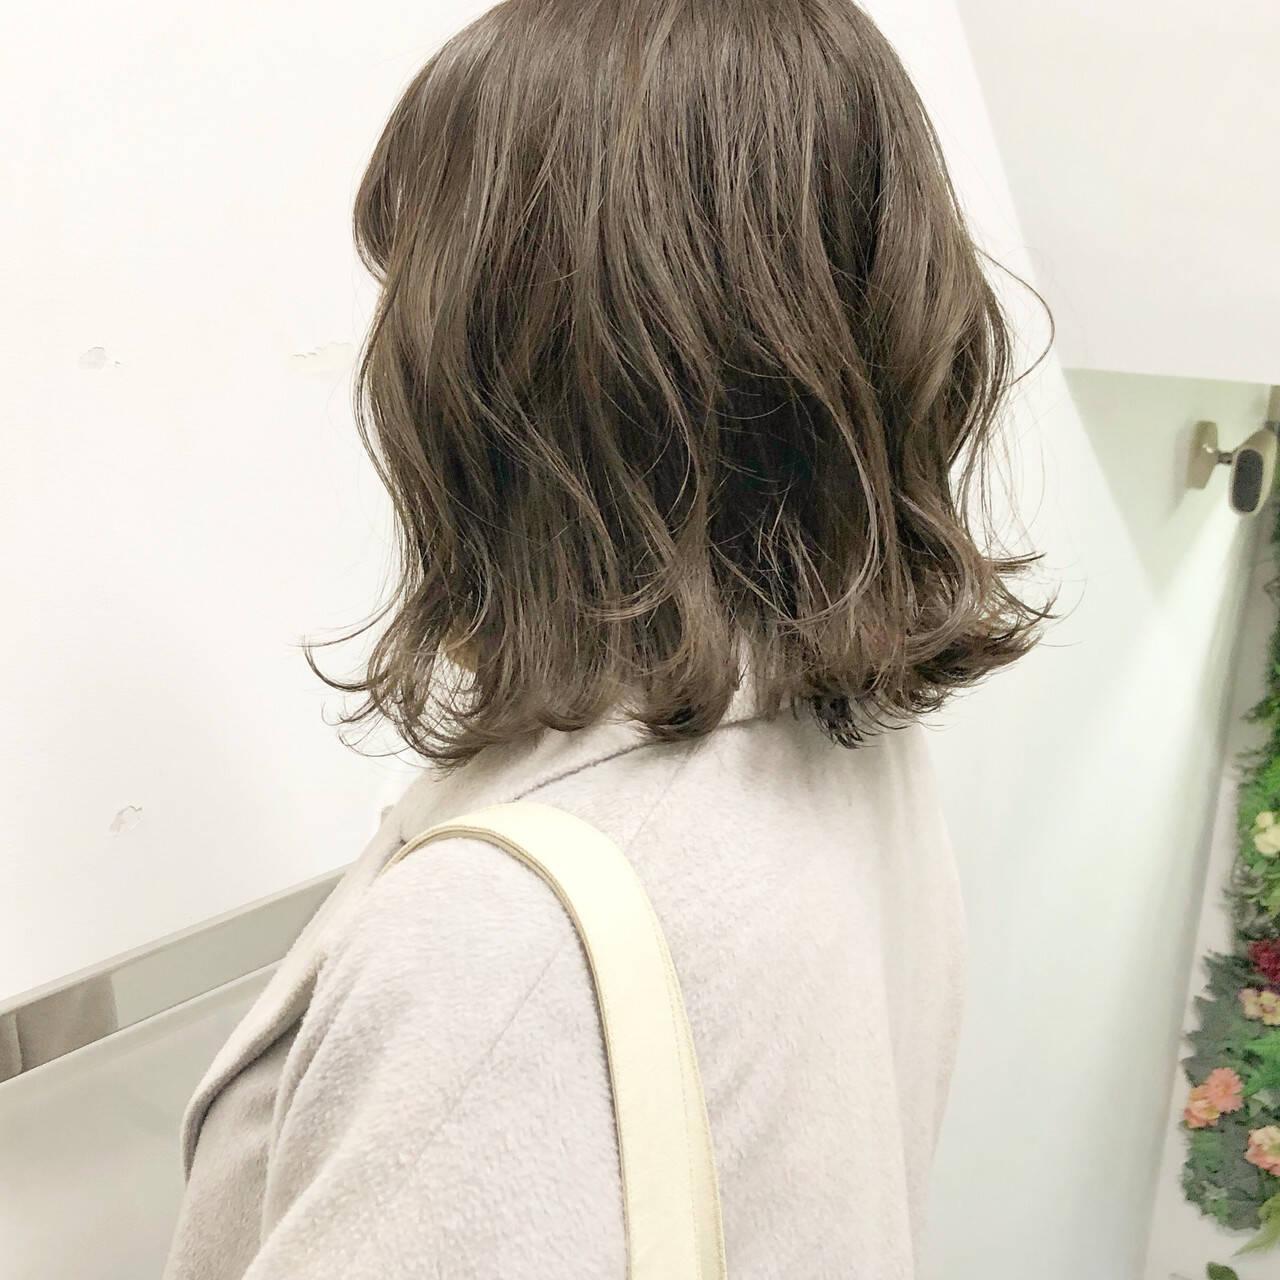 アンニュイほつれヘア ボブ パーマ 切りっぱなしヘアスタイルや髪型の写真・画像